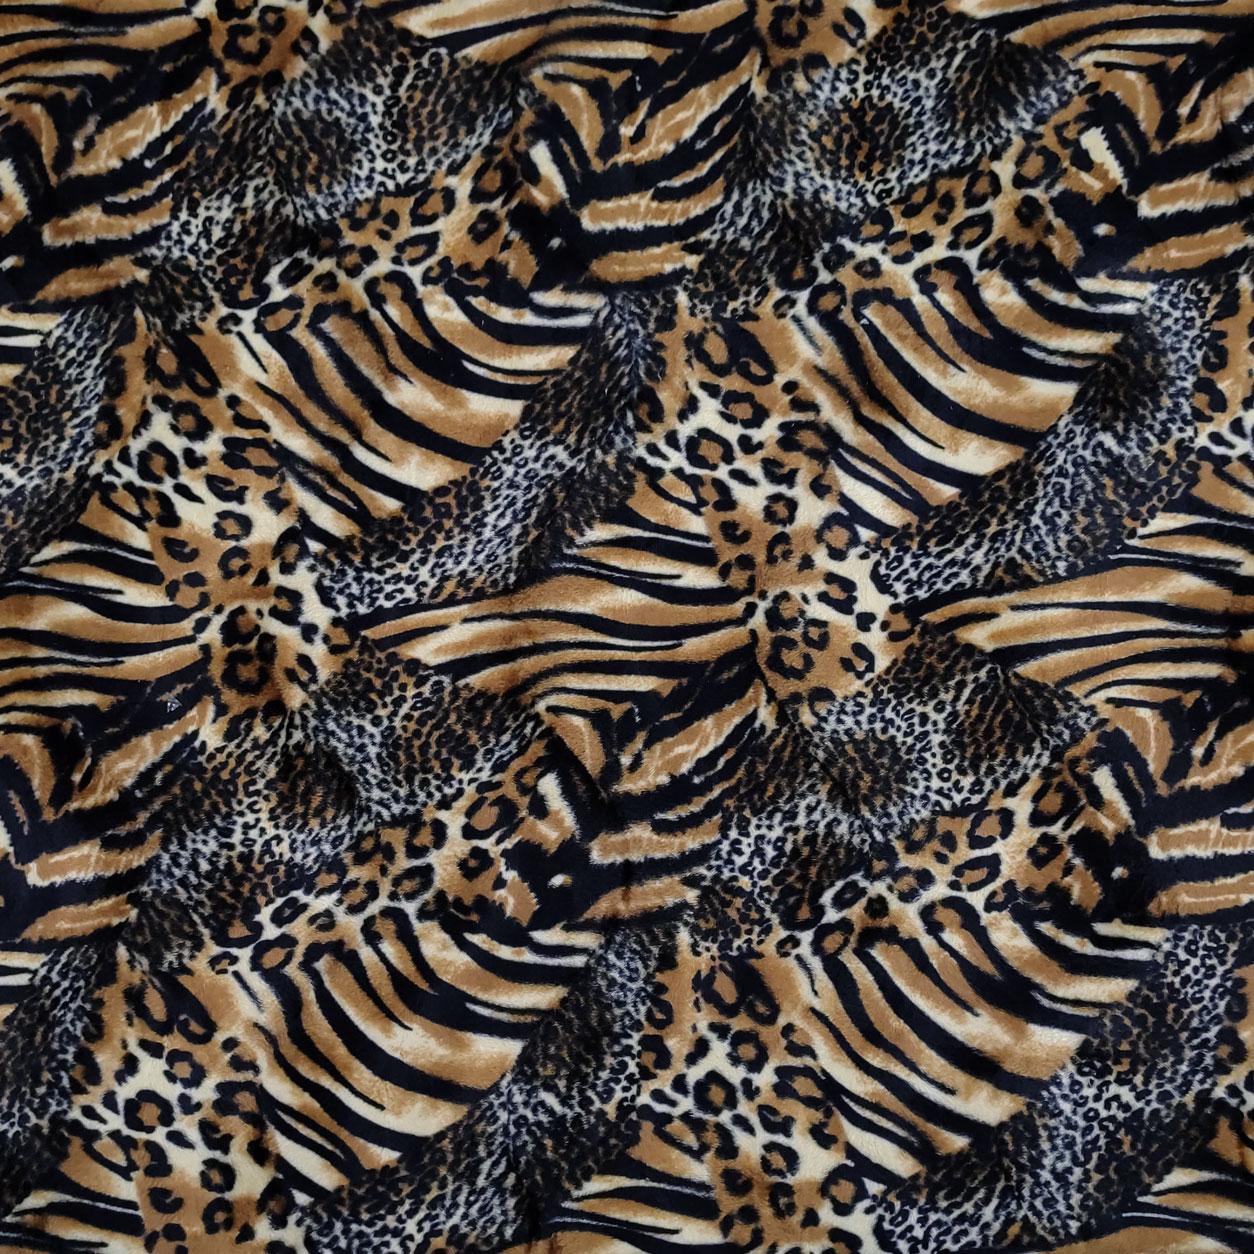 Tessuto Cavallino Fantasia Patchwork Animalier